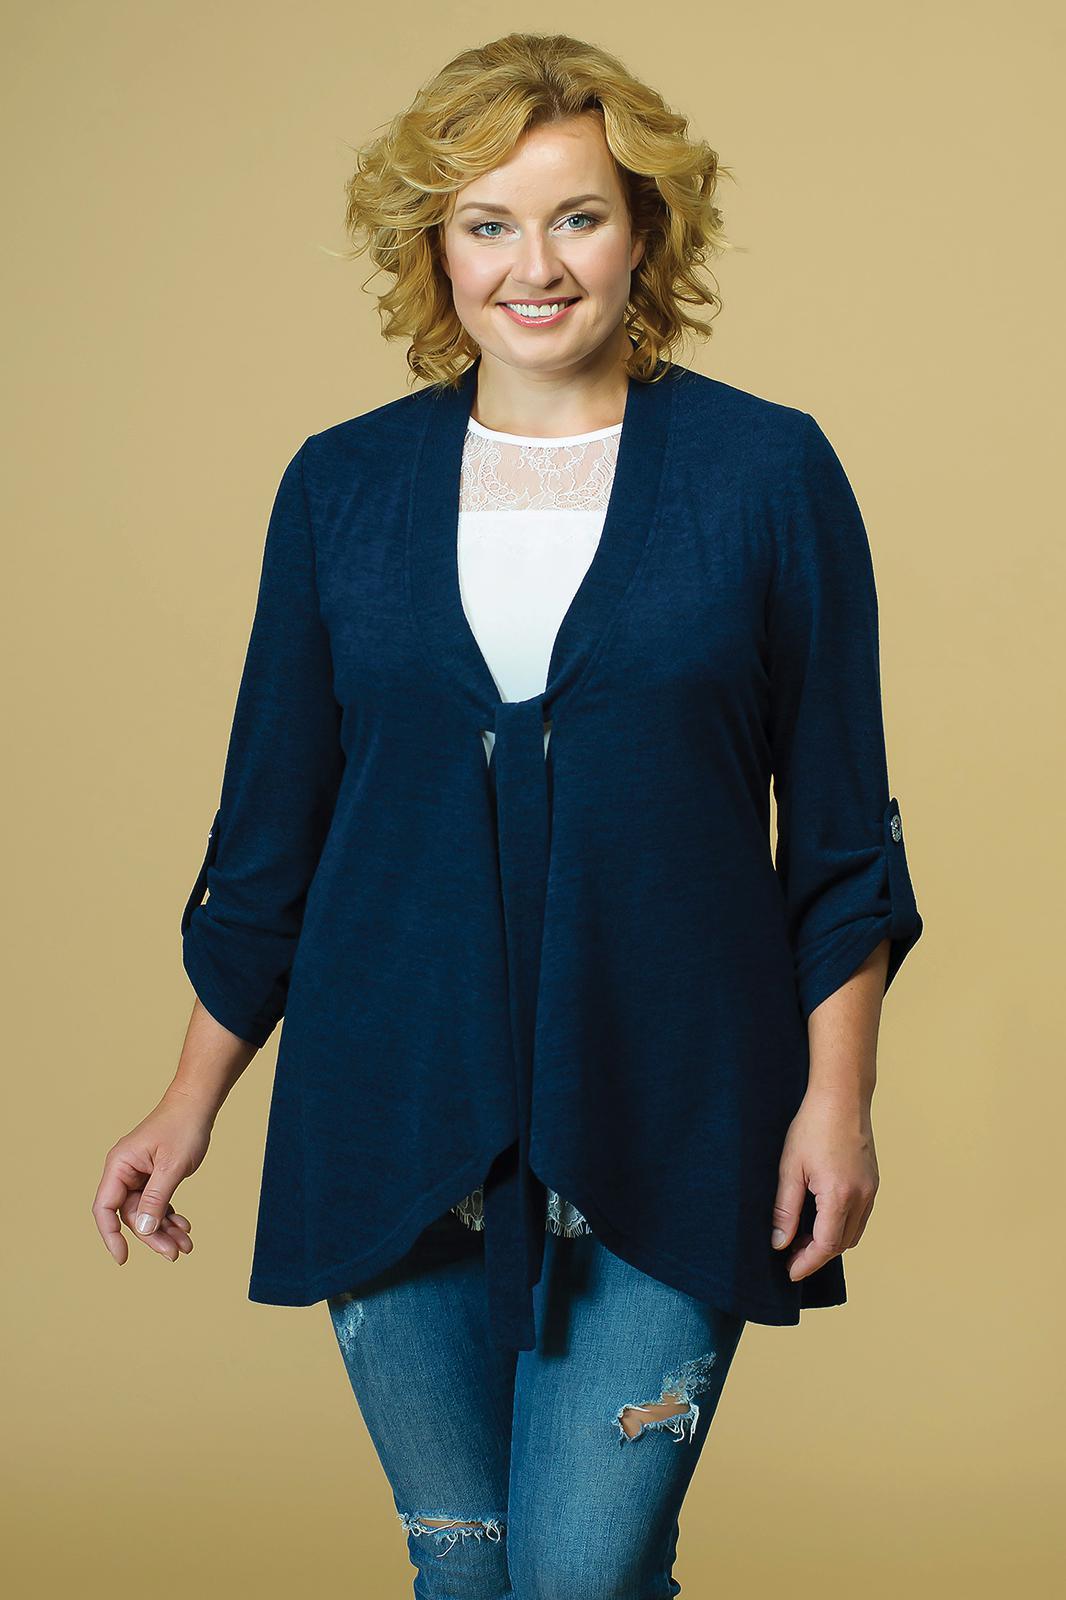 17ff0e025173 Купить одежду больших размеров в интернет-магазине в Минске ...